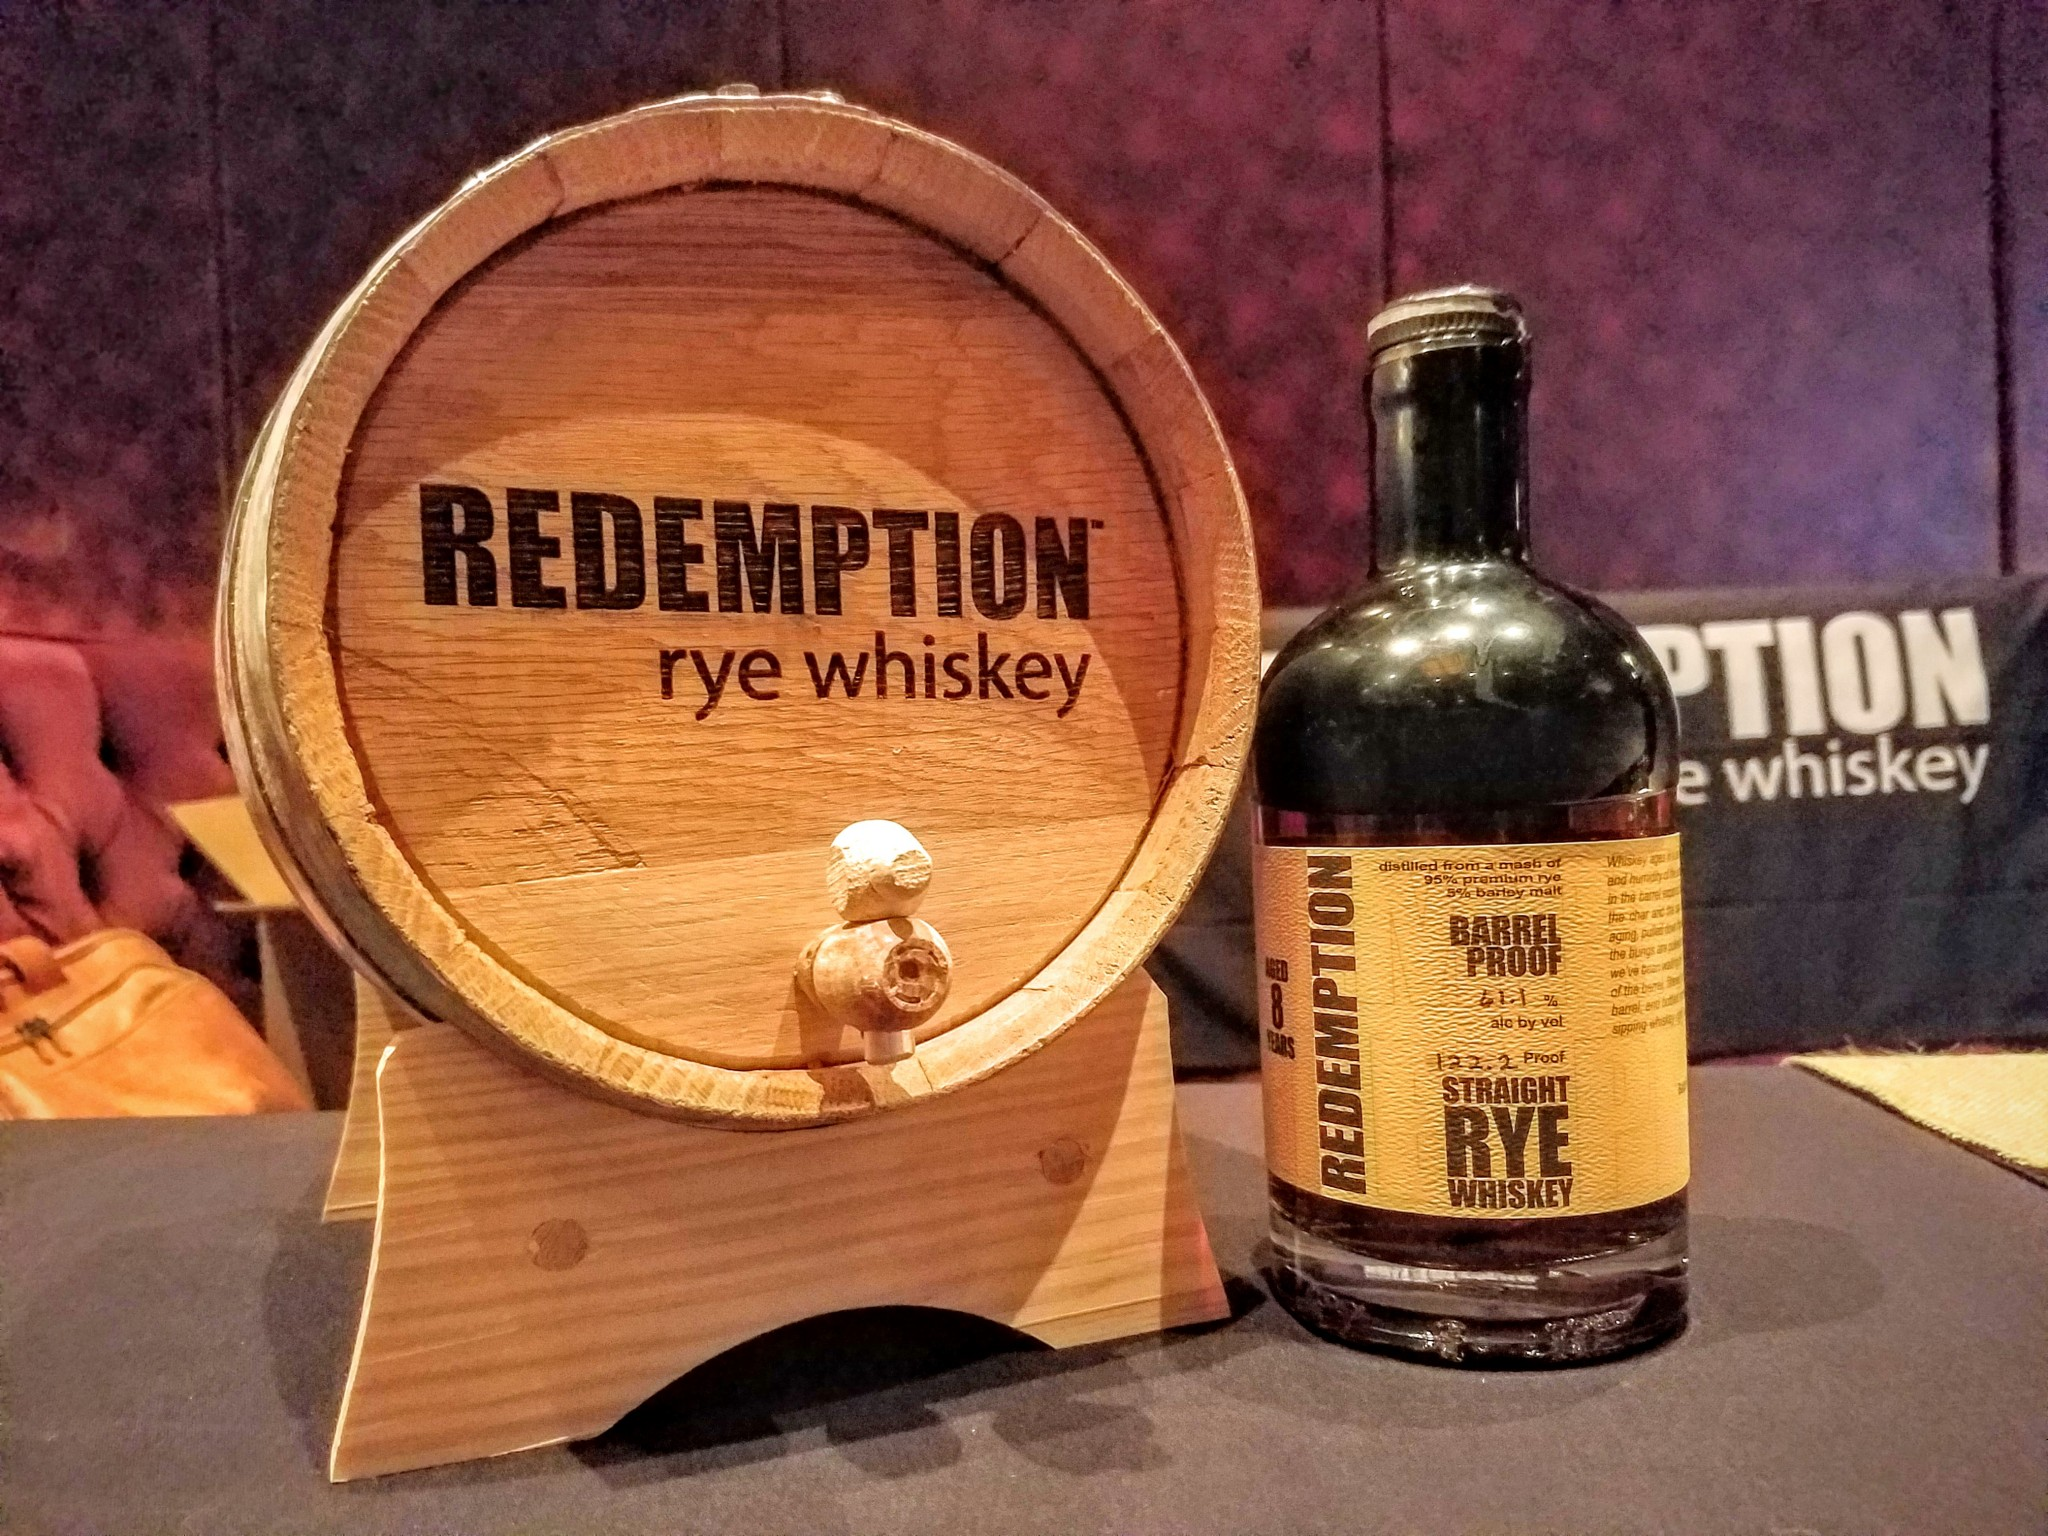 Redemption 8 year old Rye